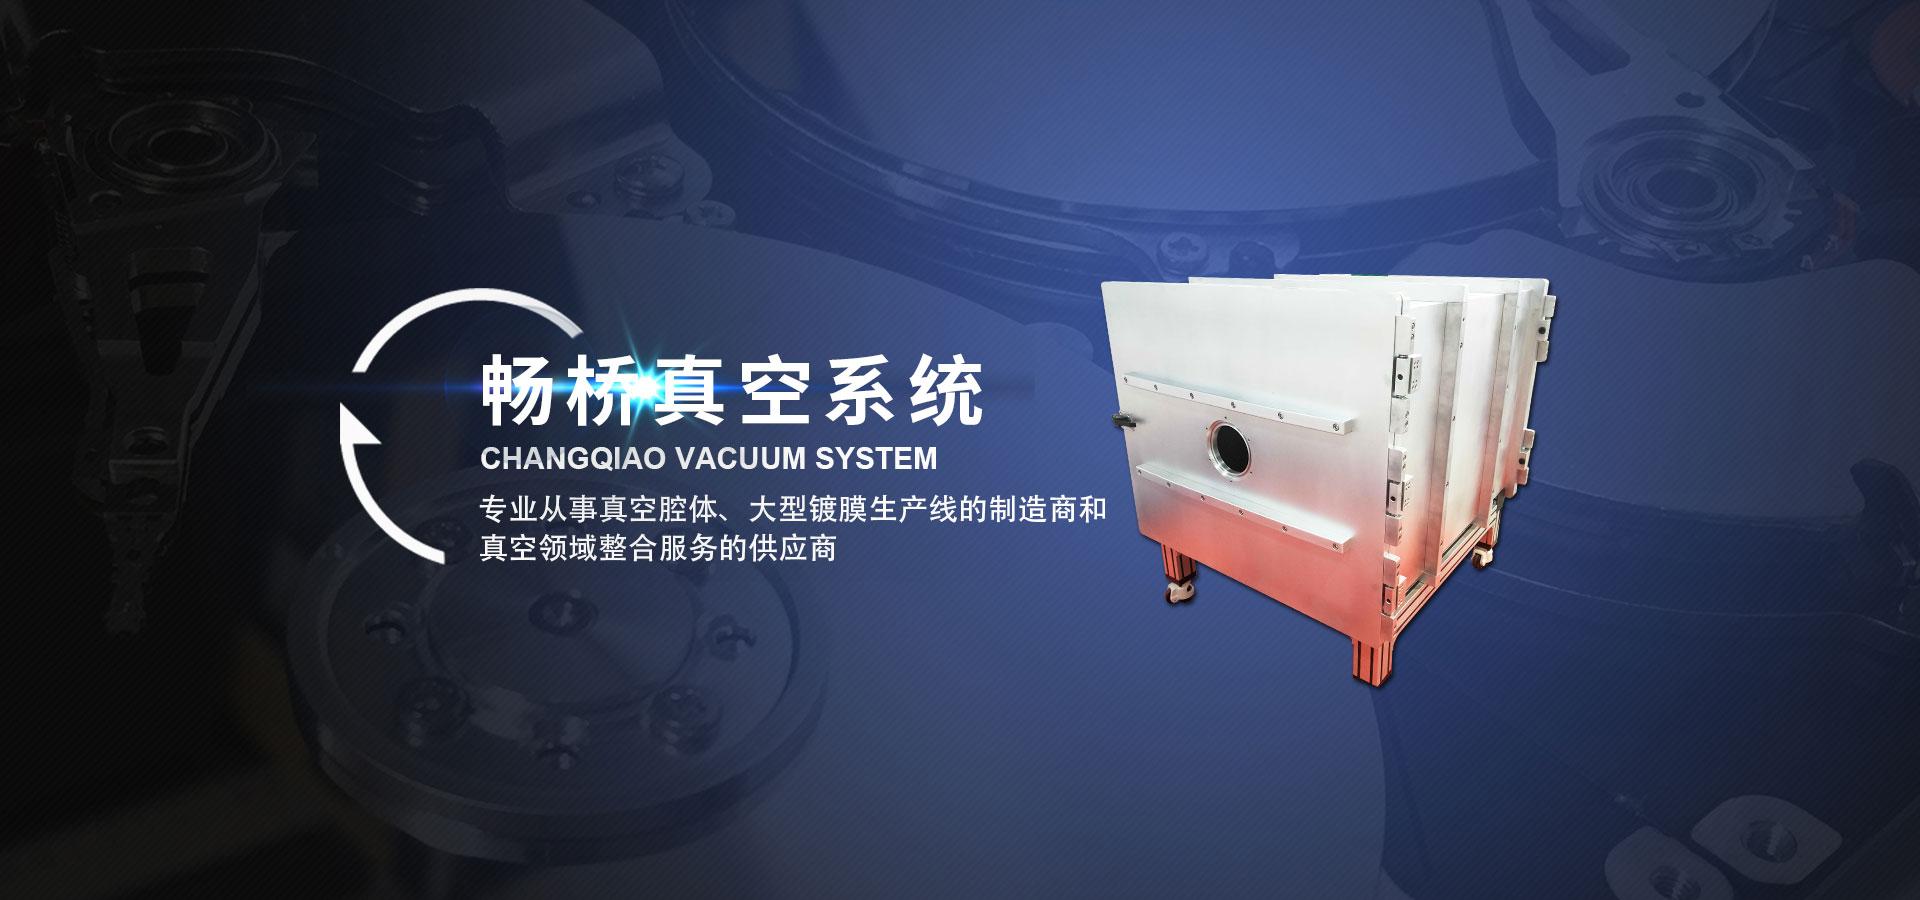 上海暢橋真空系統制造有限公司